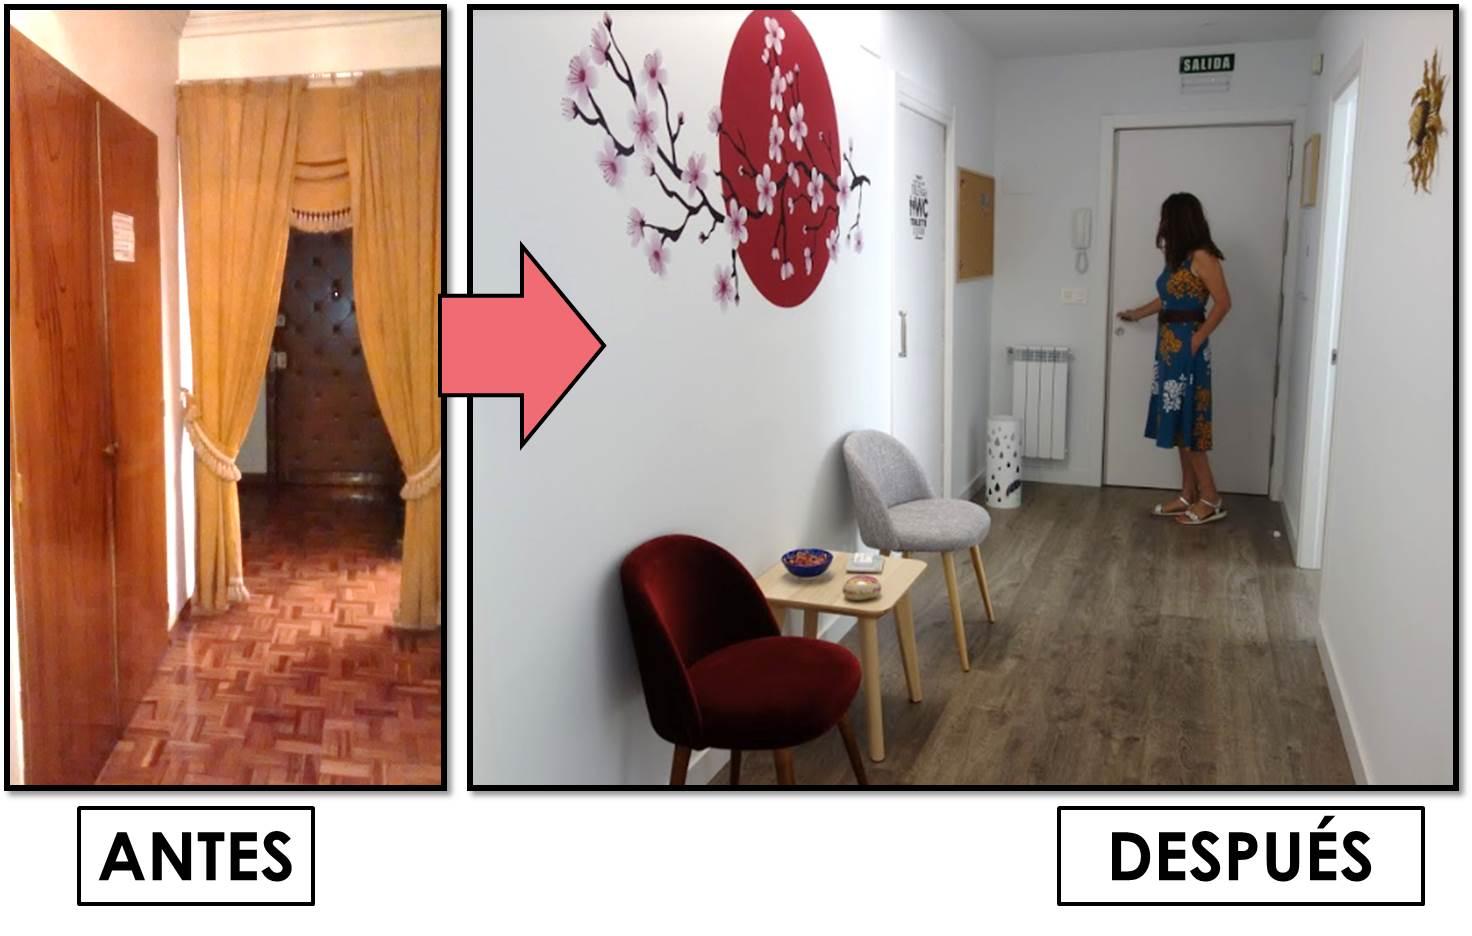 Antes y despues de una casa convertida 0